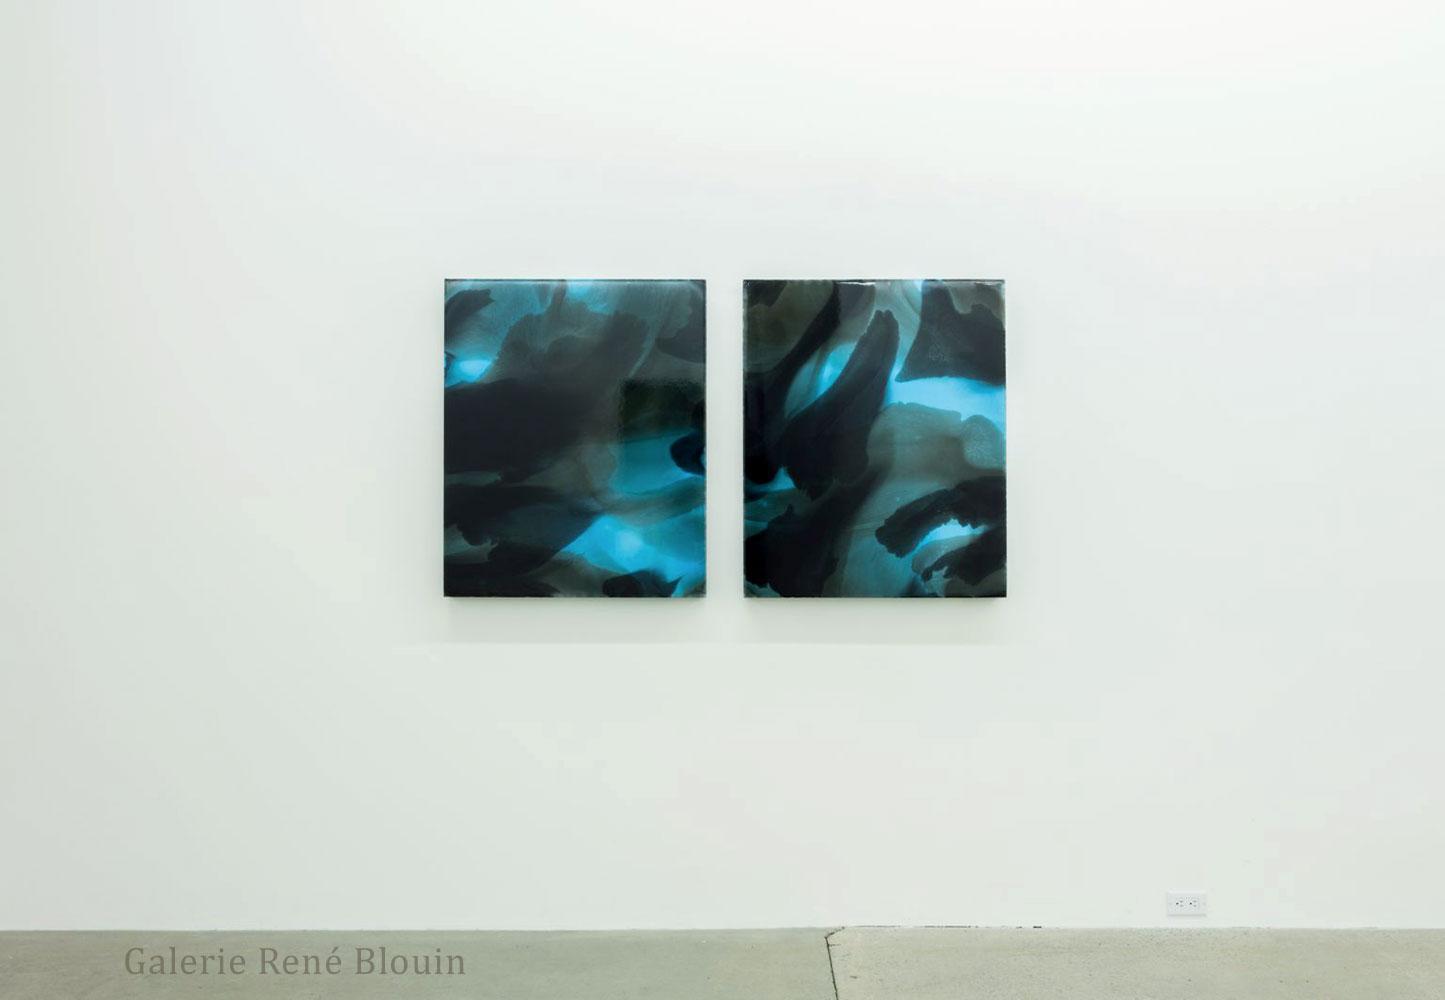 Petites lueurs bleues II (diptyque), 2015 encre et acrylique sur toile, François Lacasse : Vue d'exposition 2016, Crédit photo : Richard-Max Tremblay